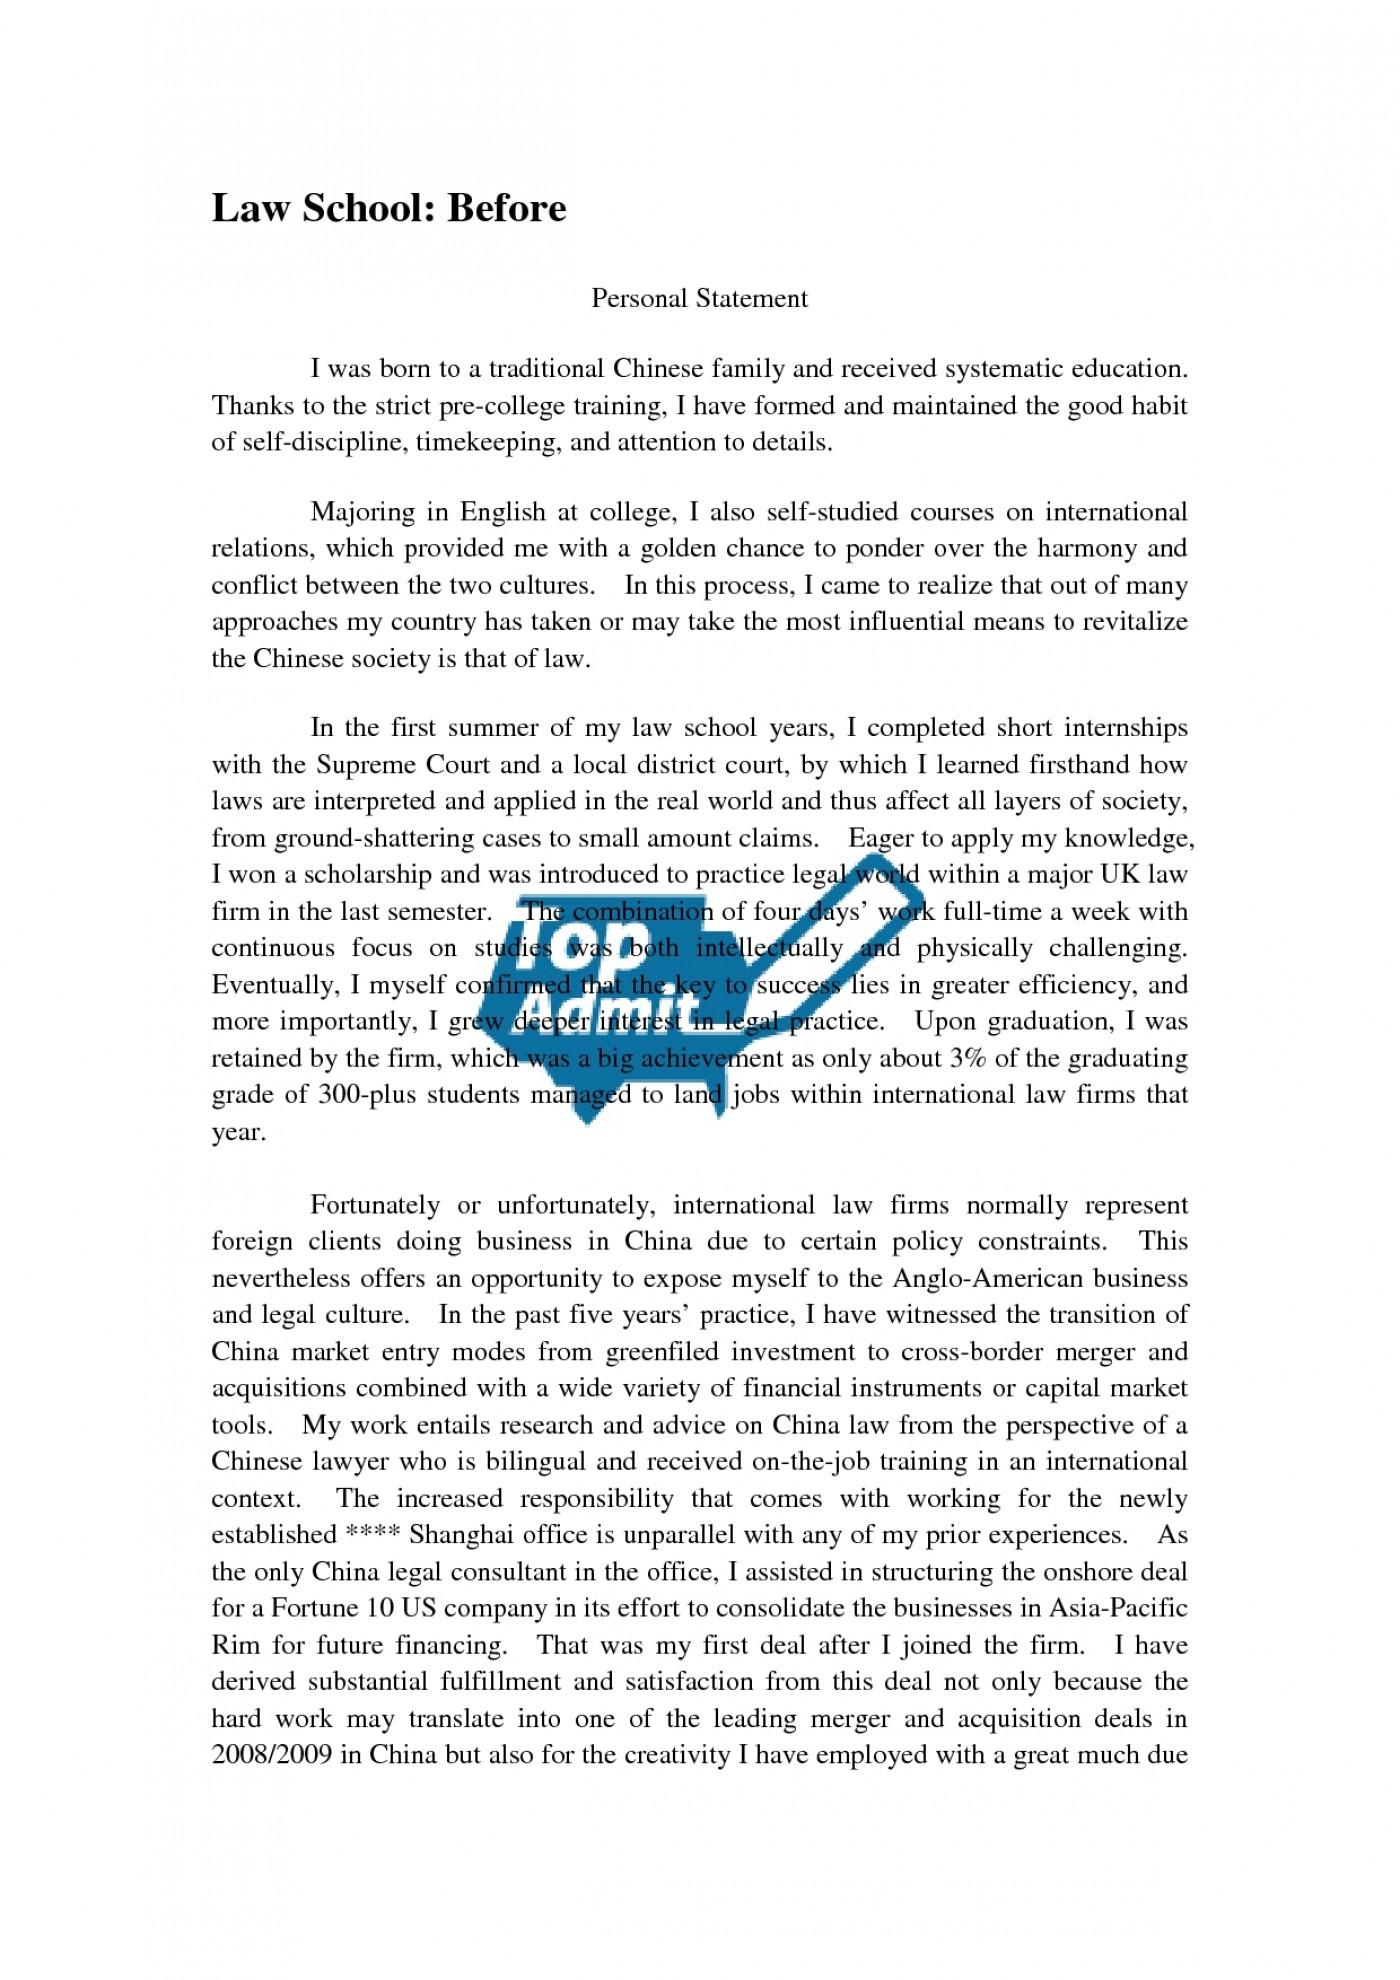 021 Essay For Graduate Admission Example Surprising Nursing School Personal 1400